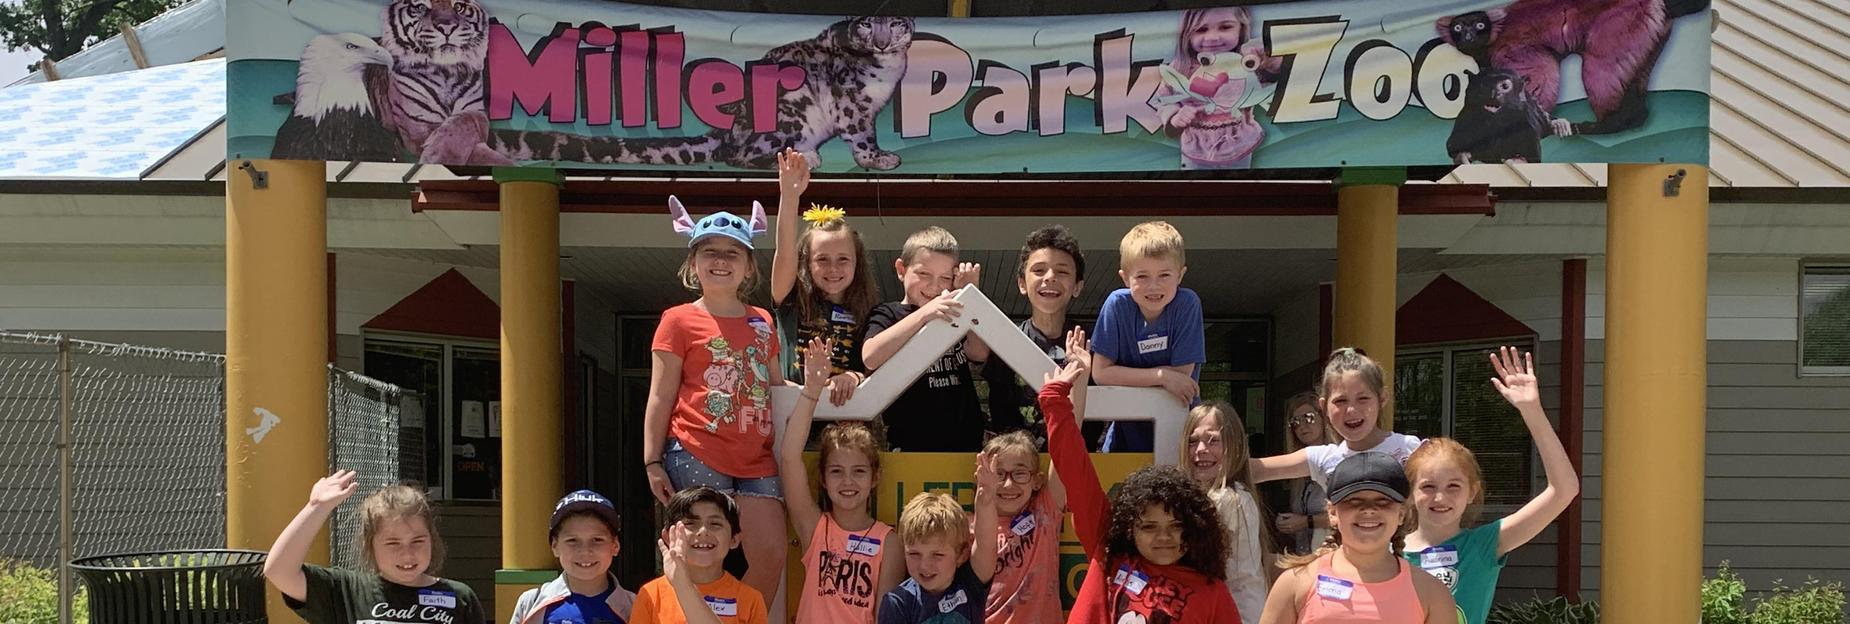 Fun at Miller Park Zoo